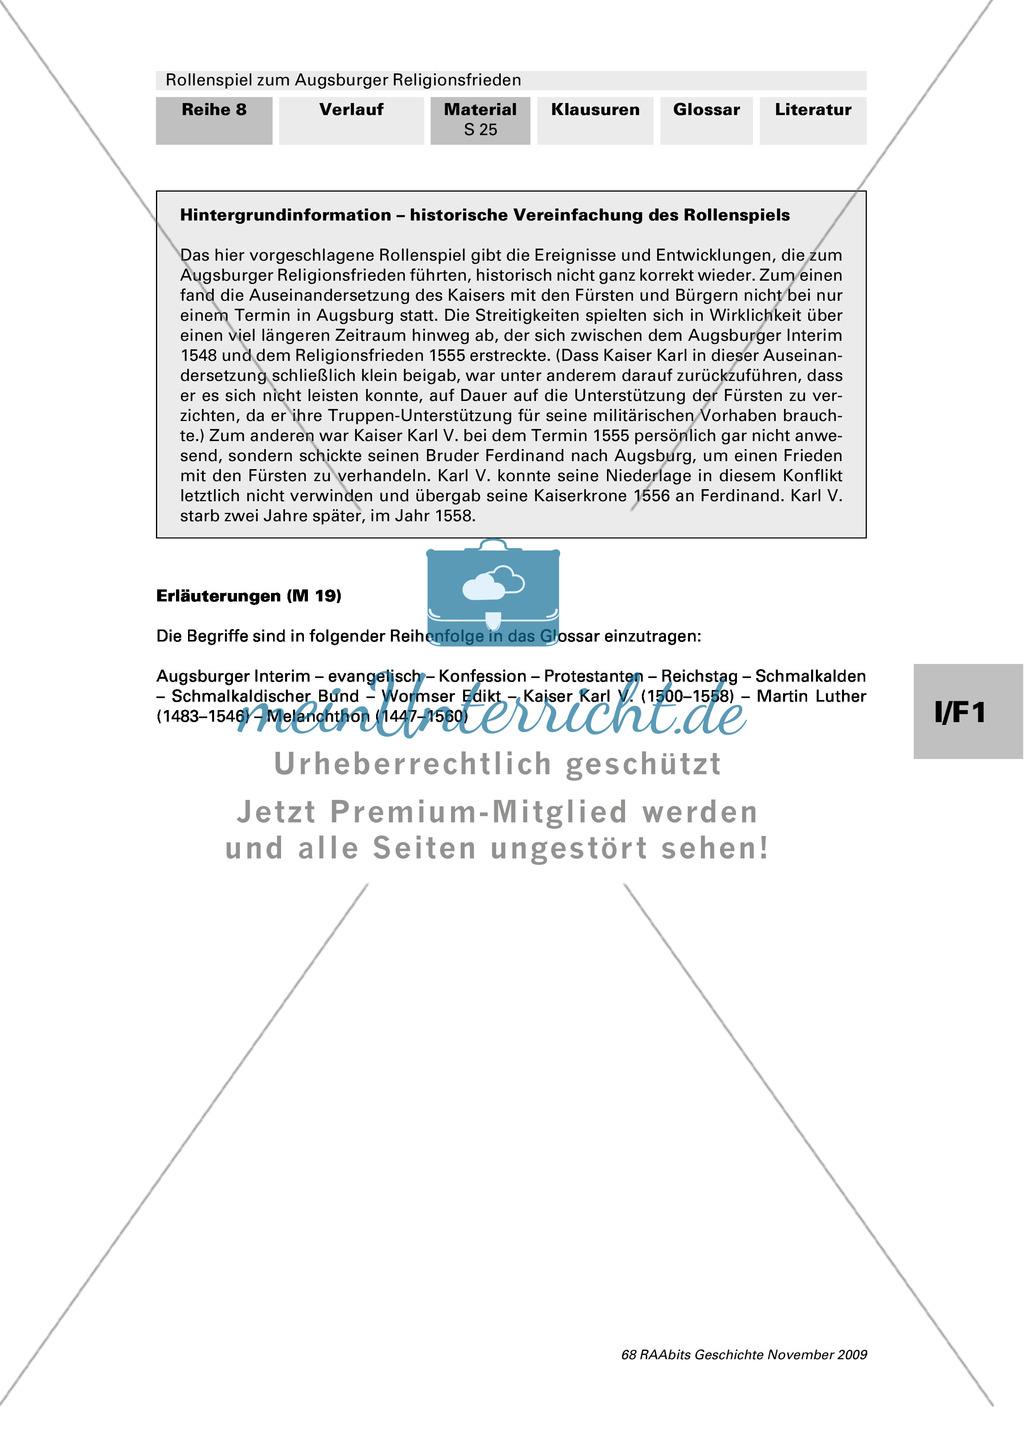 Reformation 1555: Ein Rollenspiel zum Augsburger Religionsfrieden mit Bildquelle Preview 11